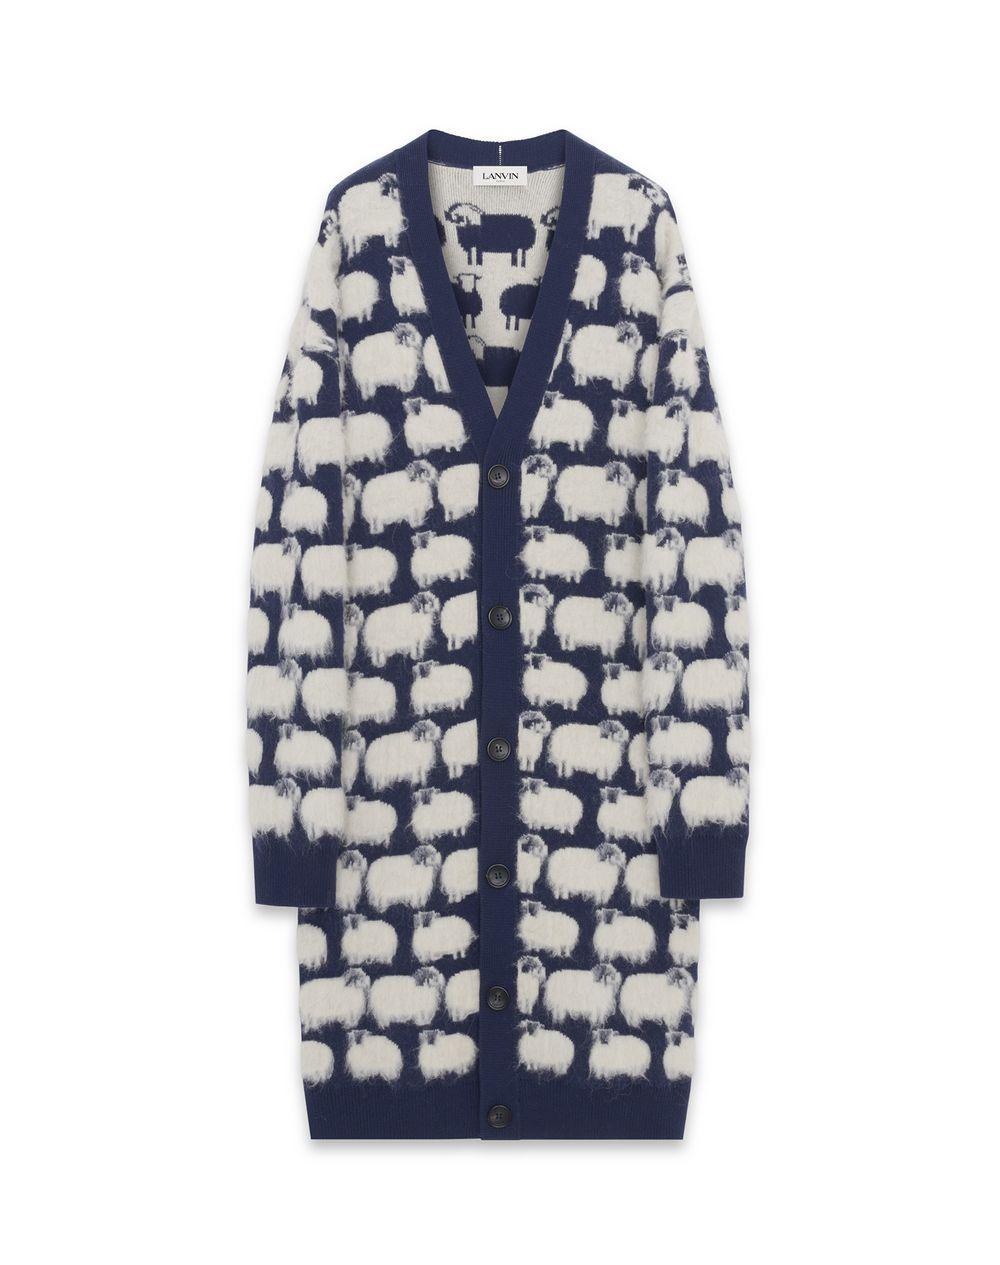 SHEEP PATTERN CARDIGAN - Lanvin